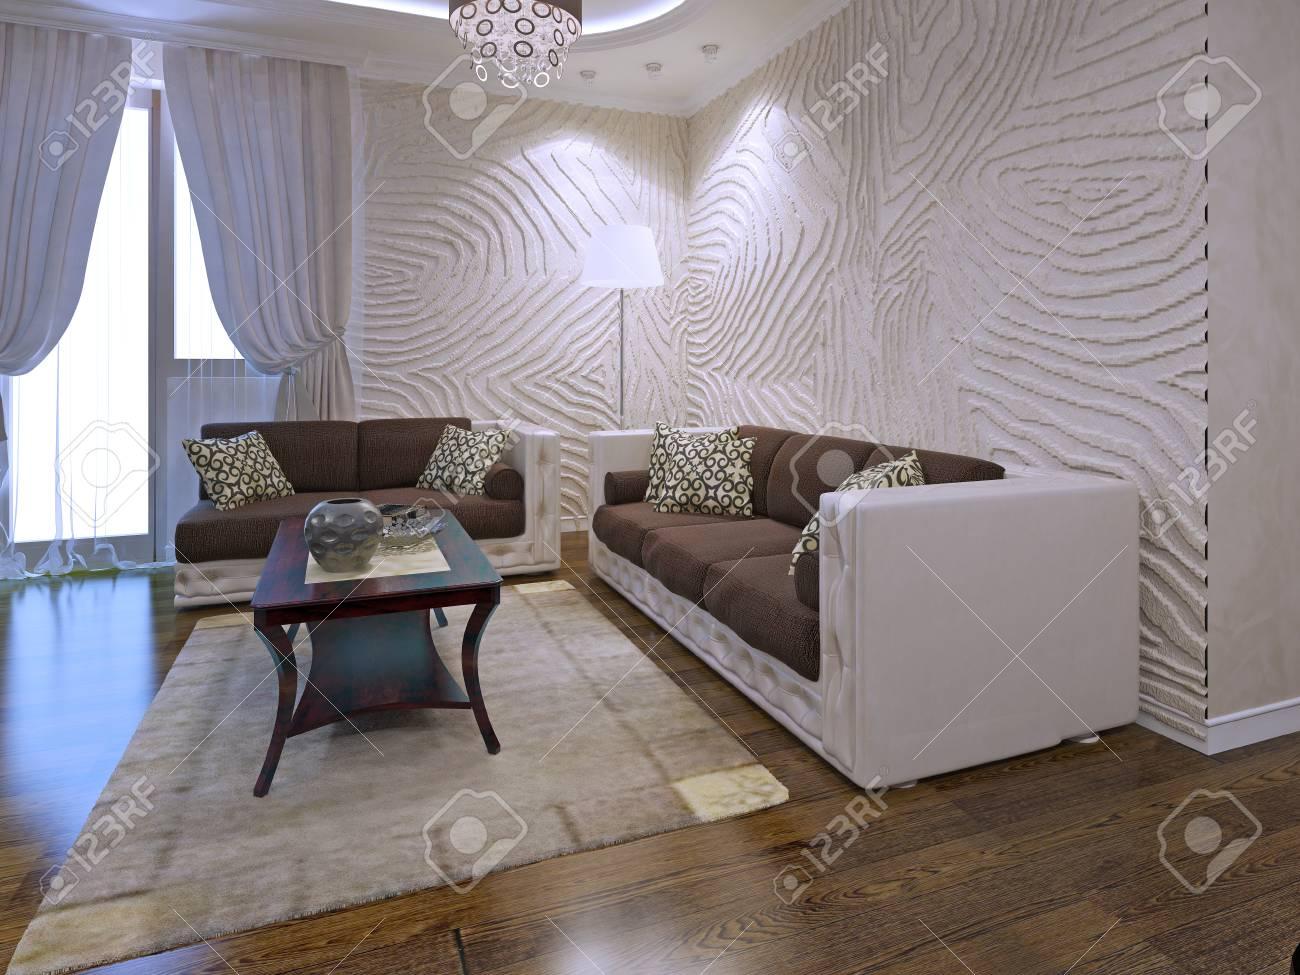 Innenraum der art deco lounge mit welligen wänden d übertragen